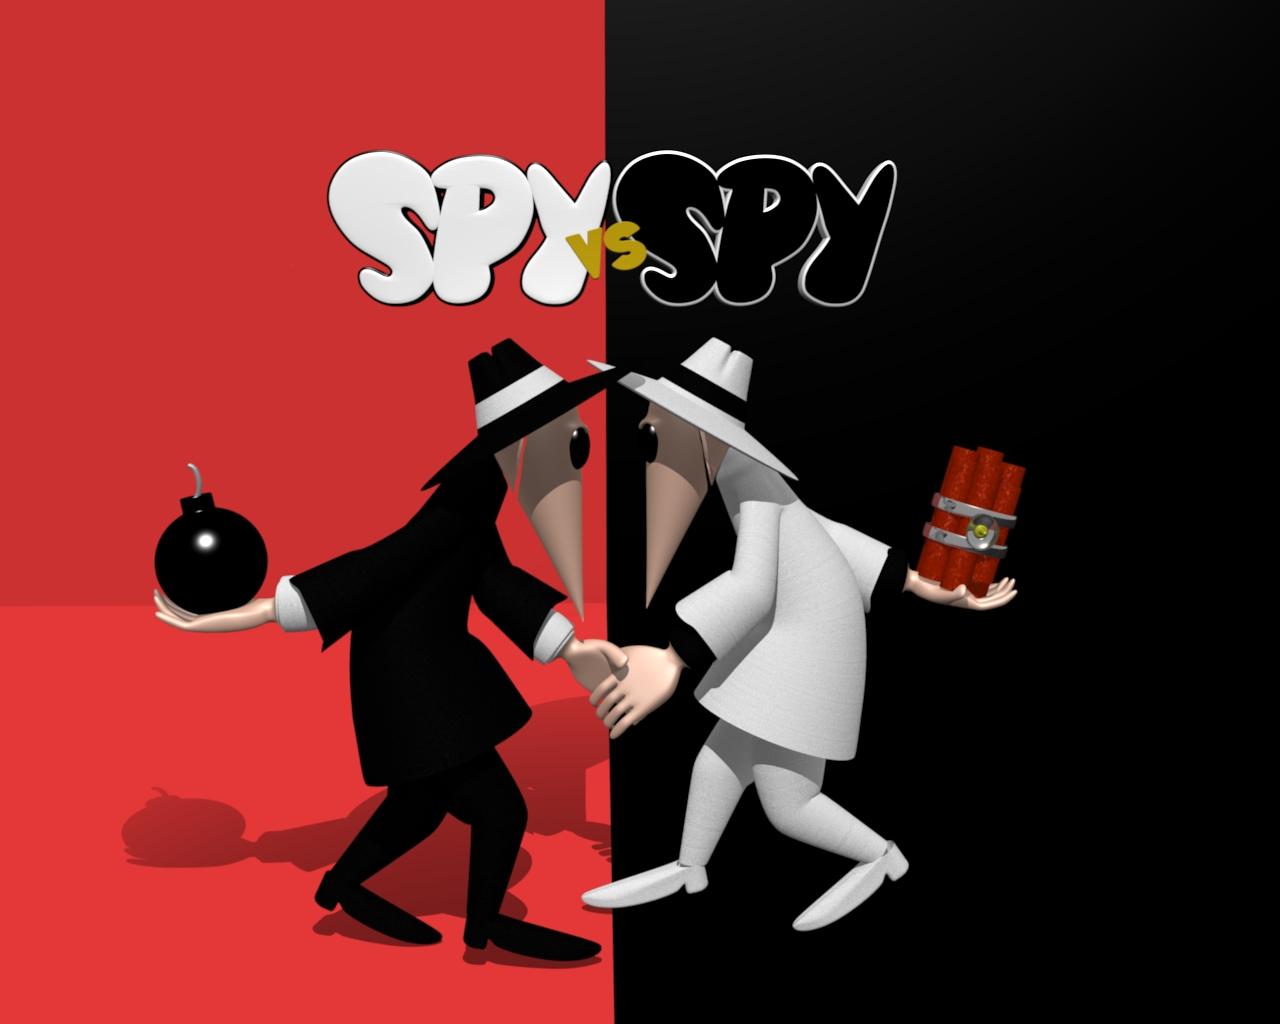 Spy vs Spy Cover Rip by rohancorwyn 1280x1024